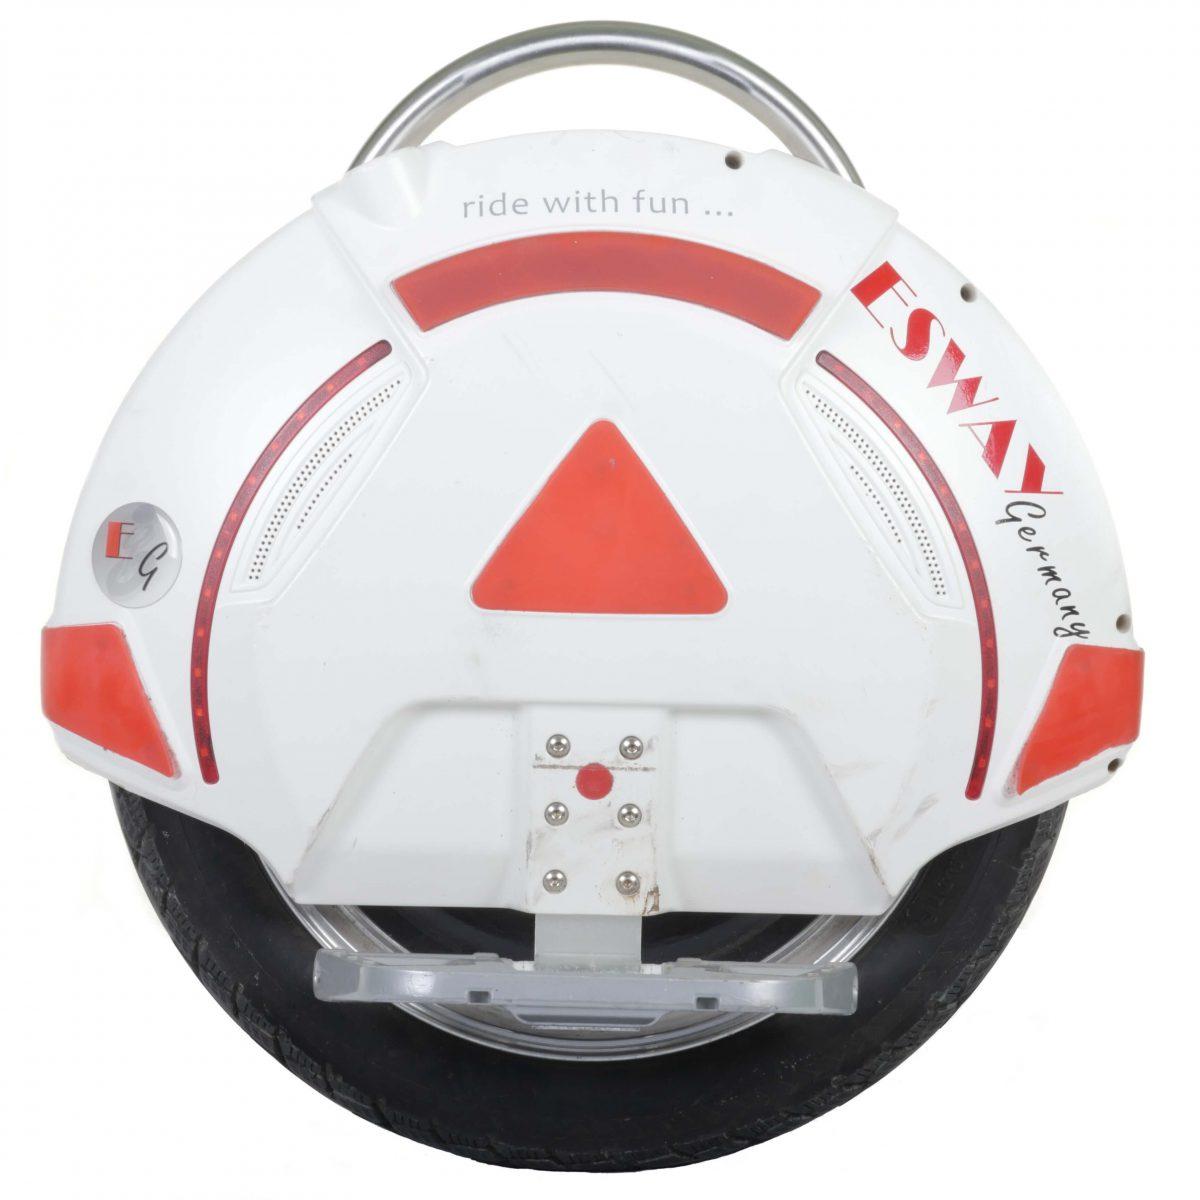 elektrisches Einrad X3 BX8 Speed V1 1418 in weiß/rot der IQ Drive GmbH